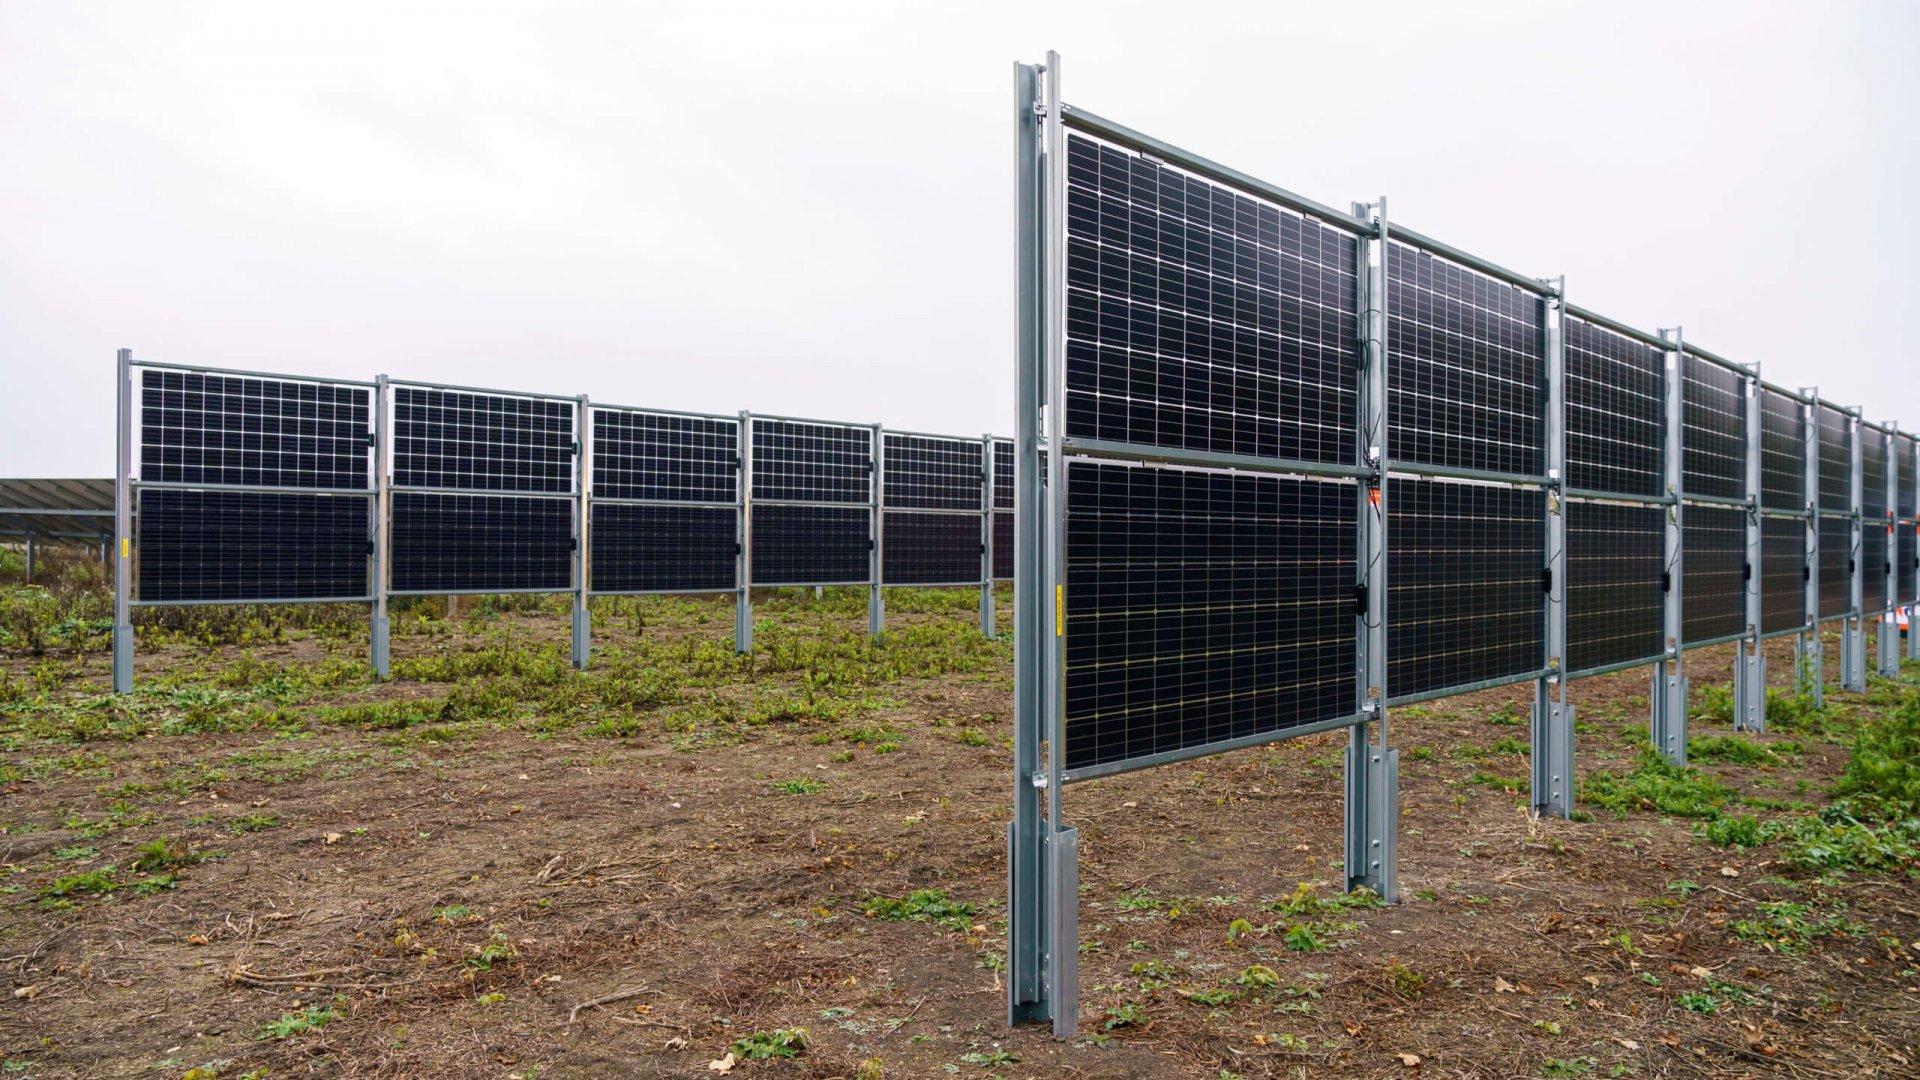 Agrar-Photovoltaik-Anlage In den Haidwiesen, Guntramsdorf; © Wien Energie/FOTObyHOFER/Christian Hofer, 31.10.2019